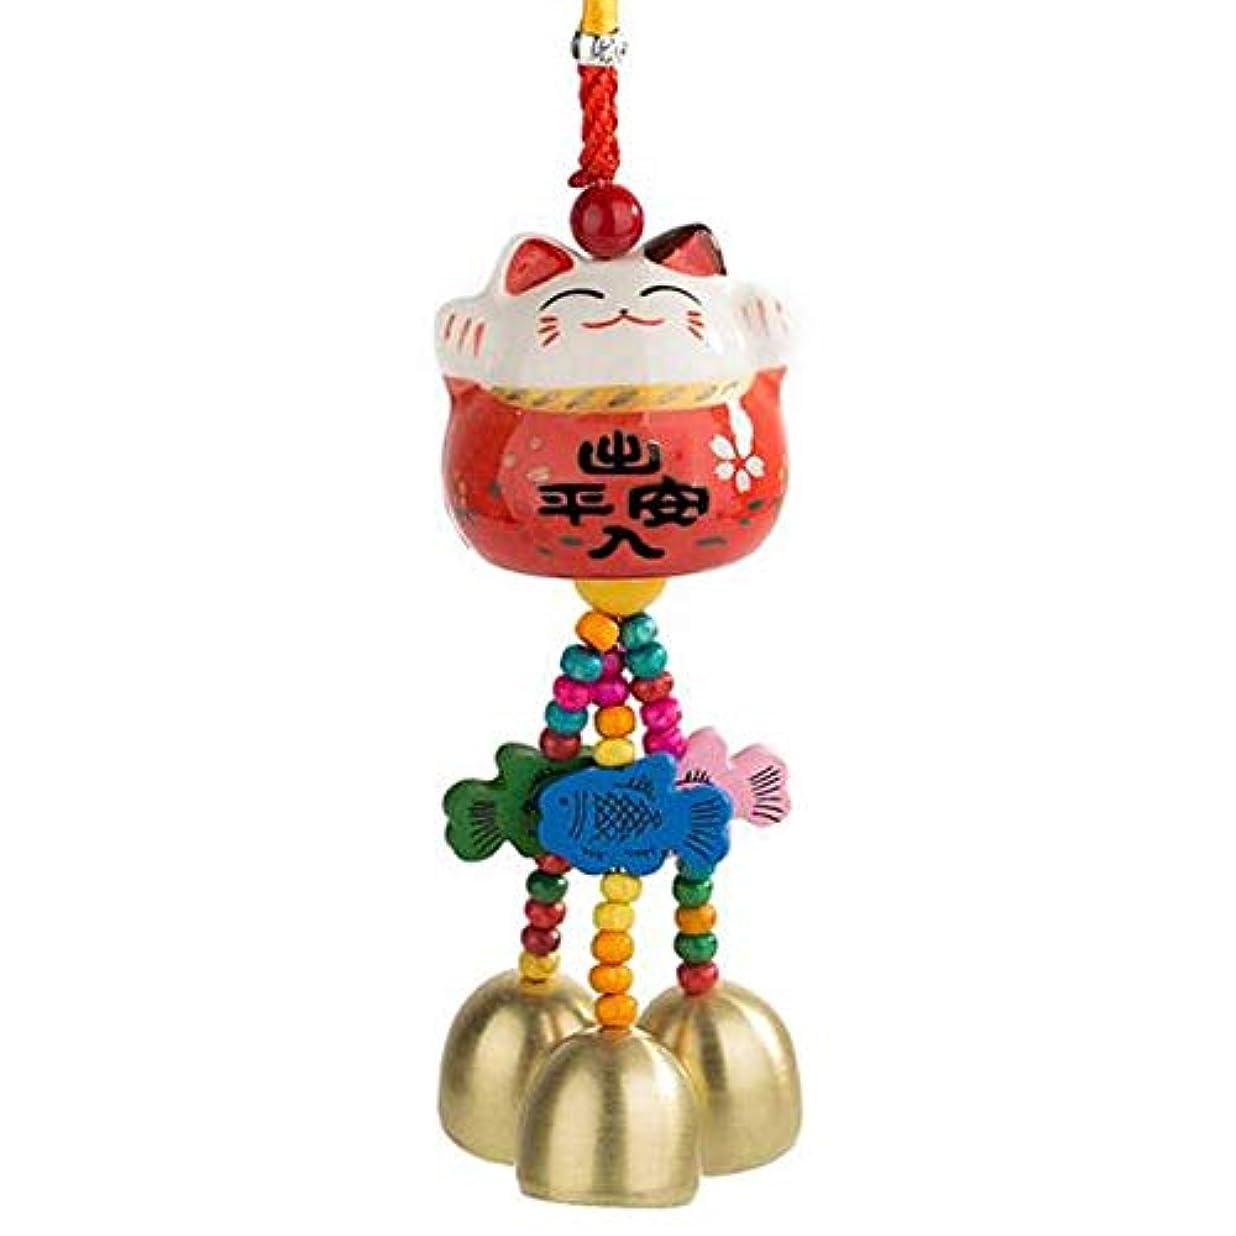 わかりやすい空洞修理工Hongyuantongxun 風チャイム、かわいいクリエイティブセラミック猫風の鐘、ブルー、ロング28センチメートル,、装飾品ペンダント (Color : Red)